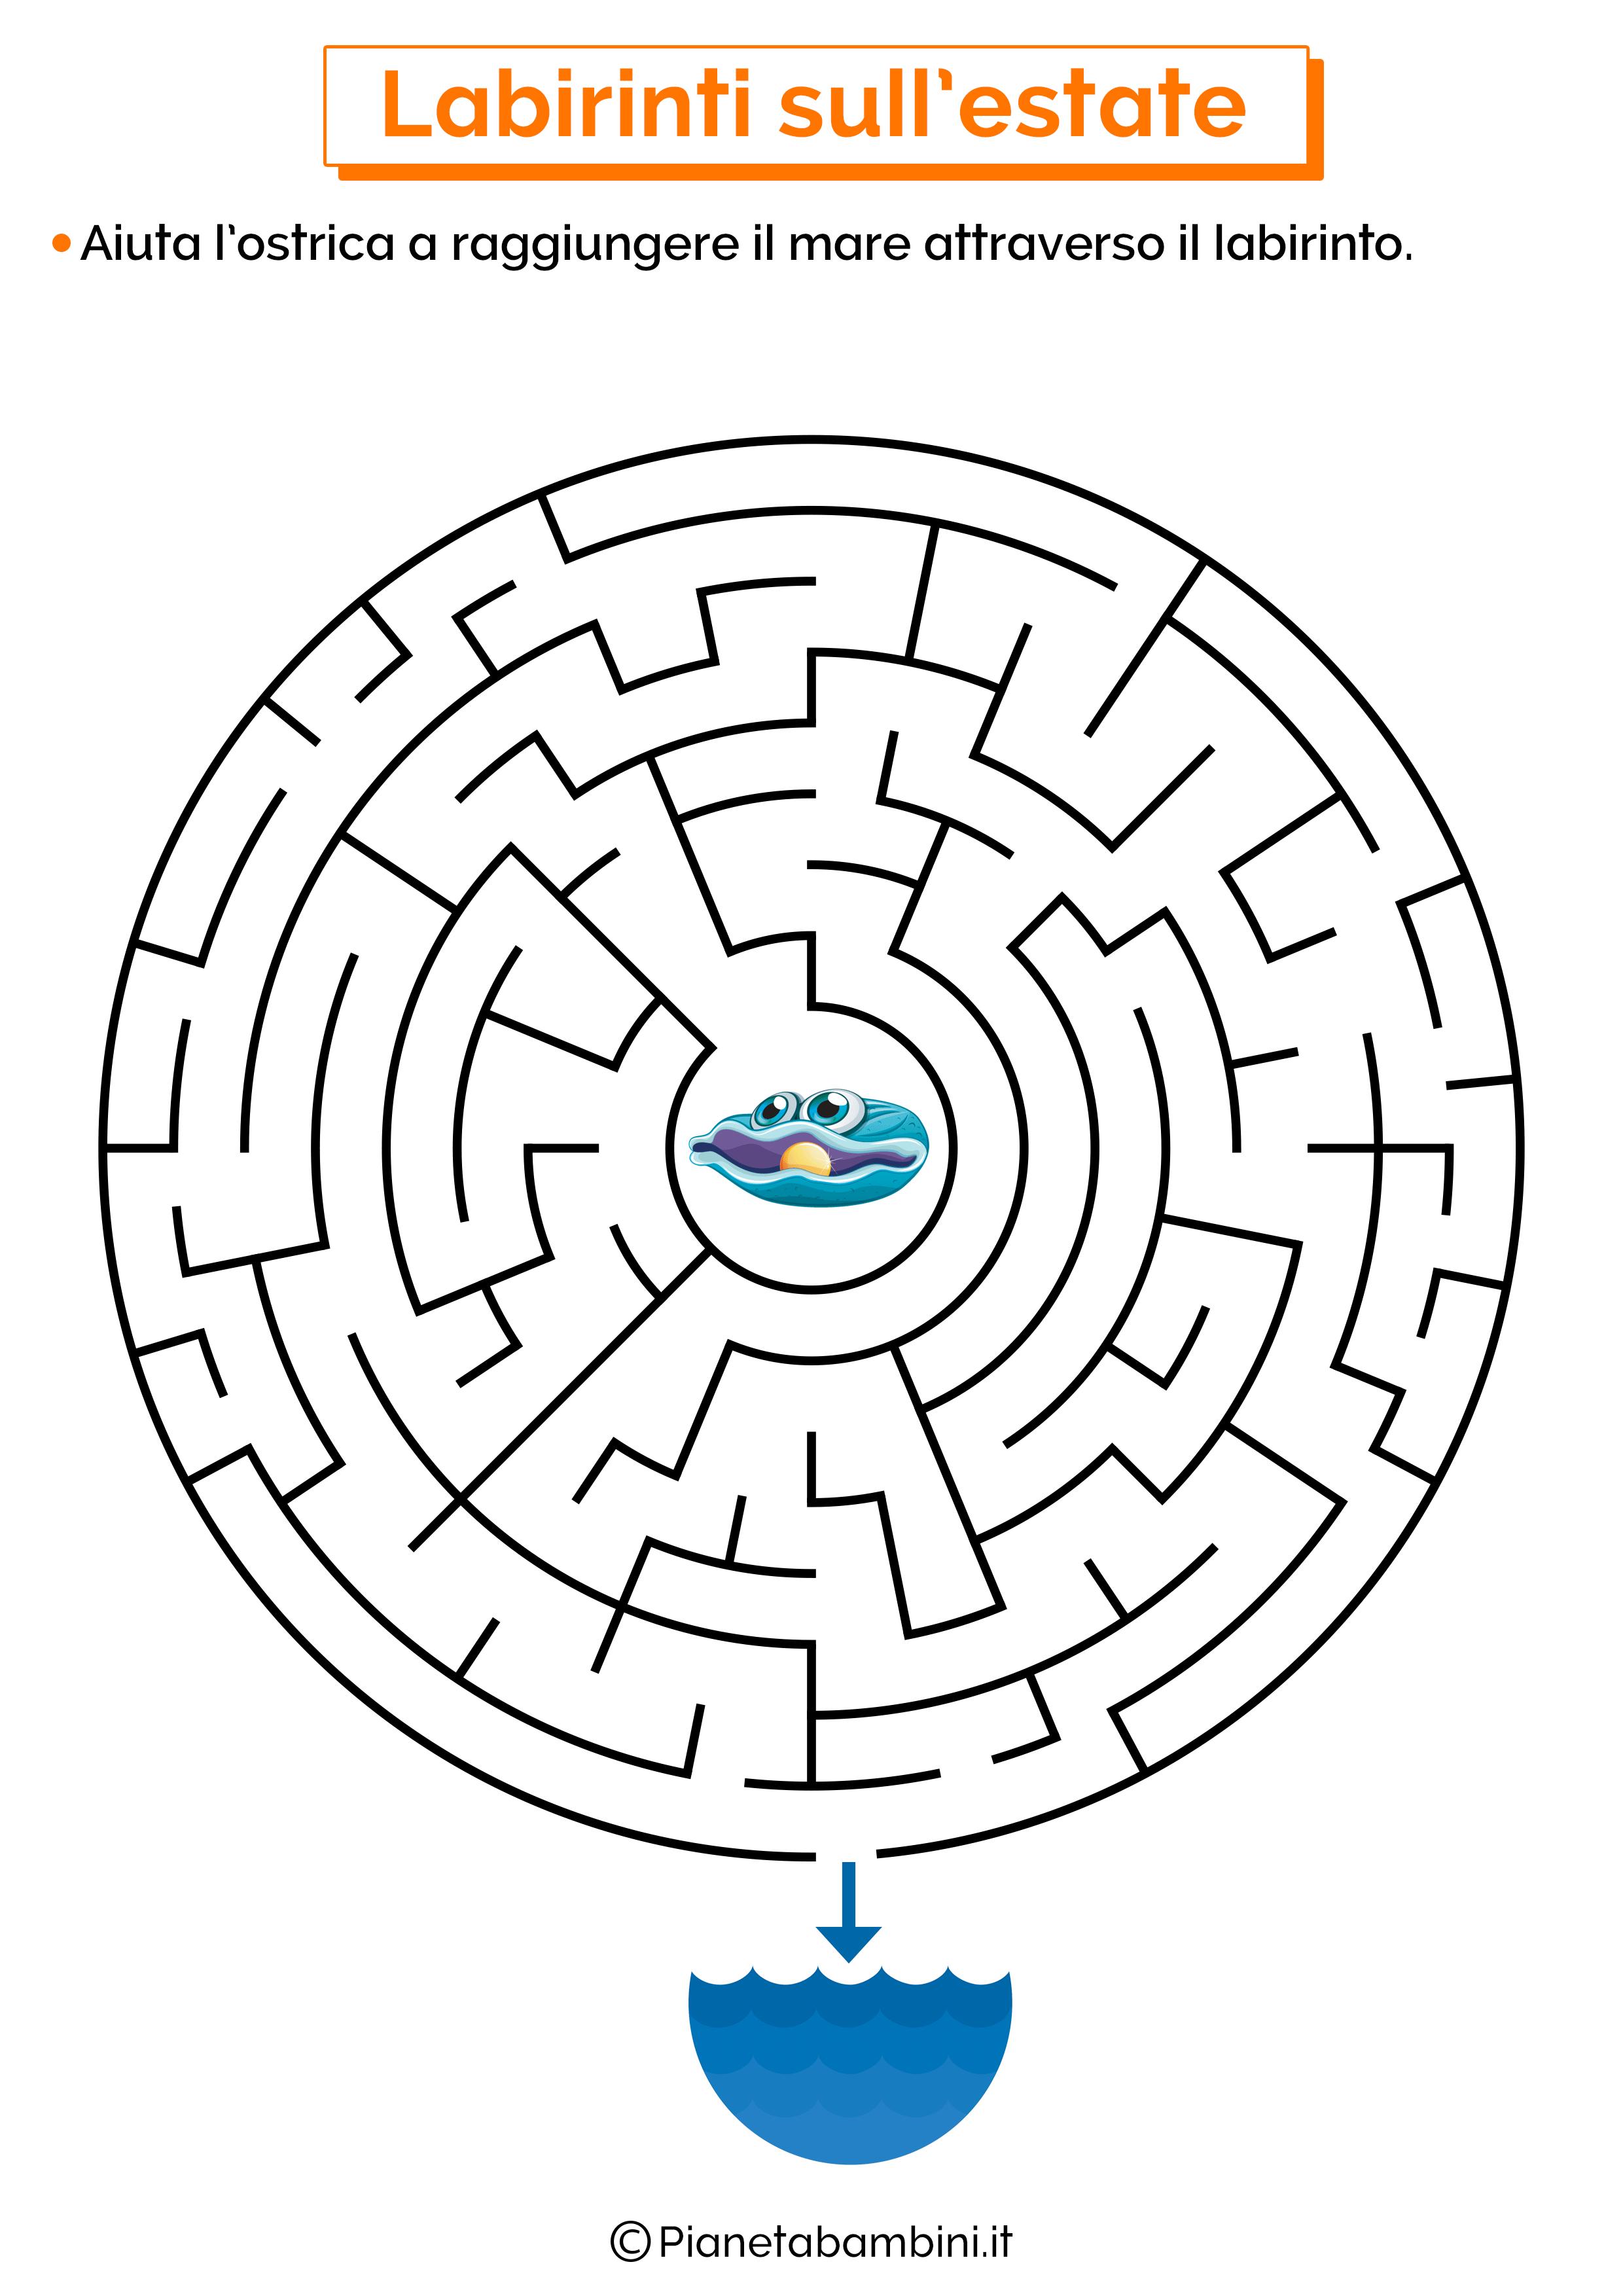 Labirinto sull'estate 05